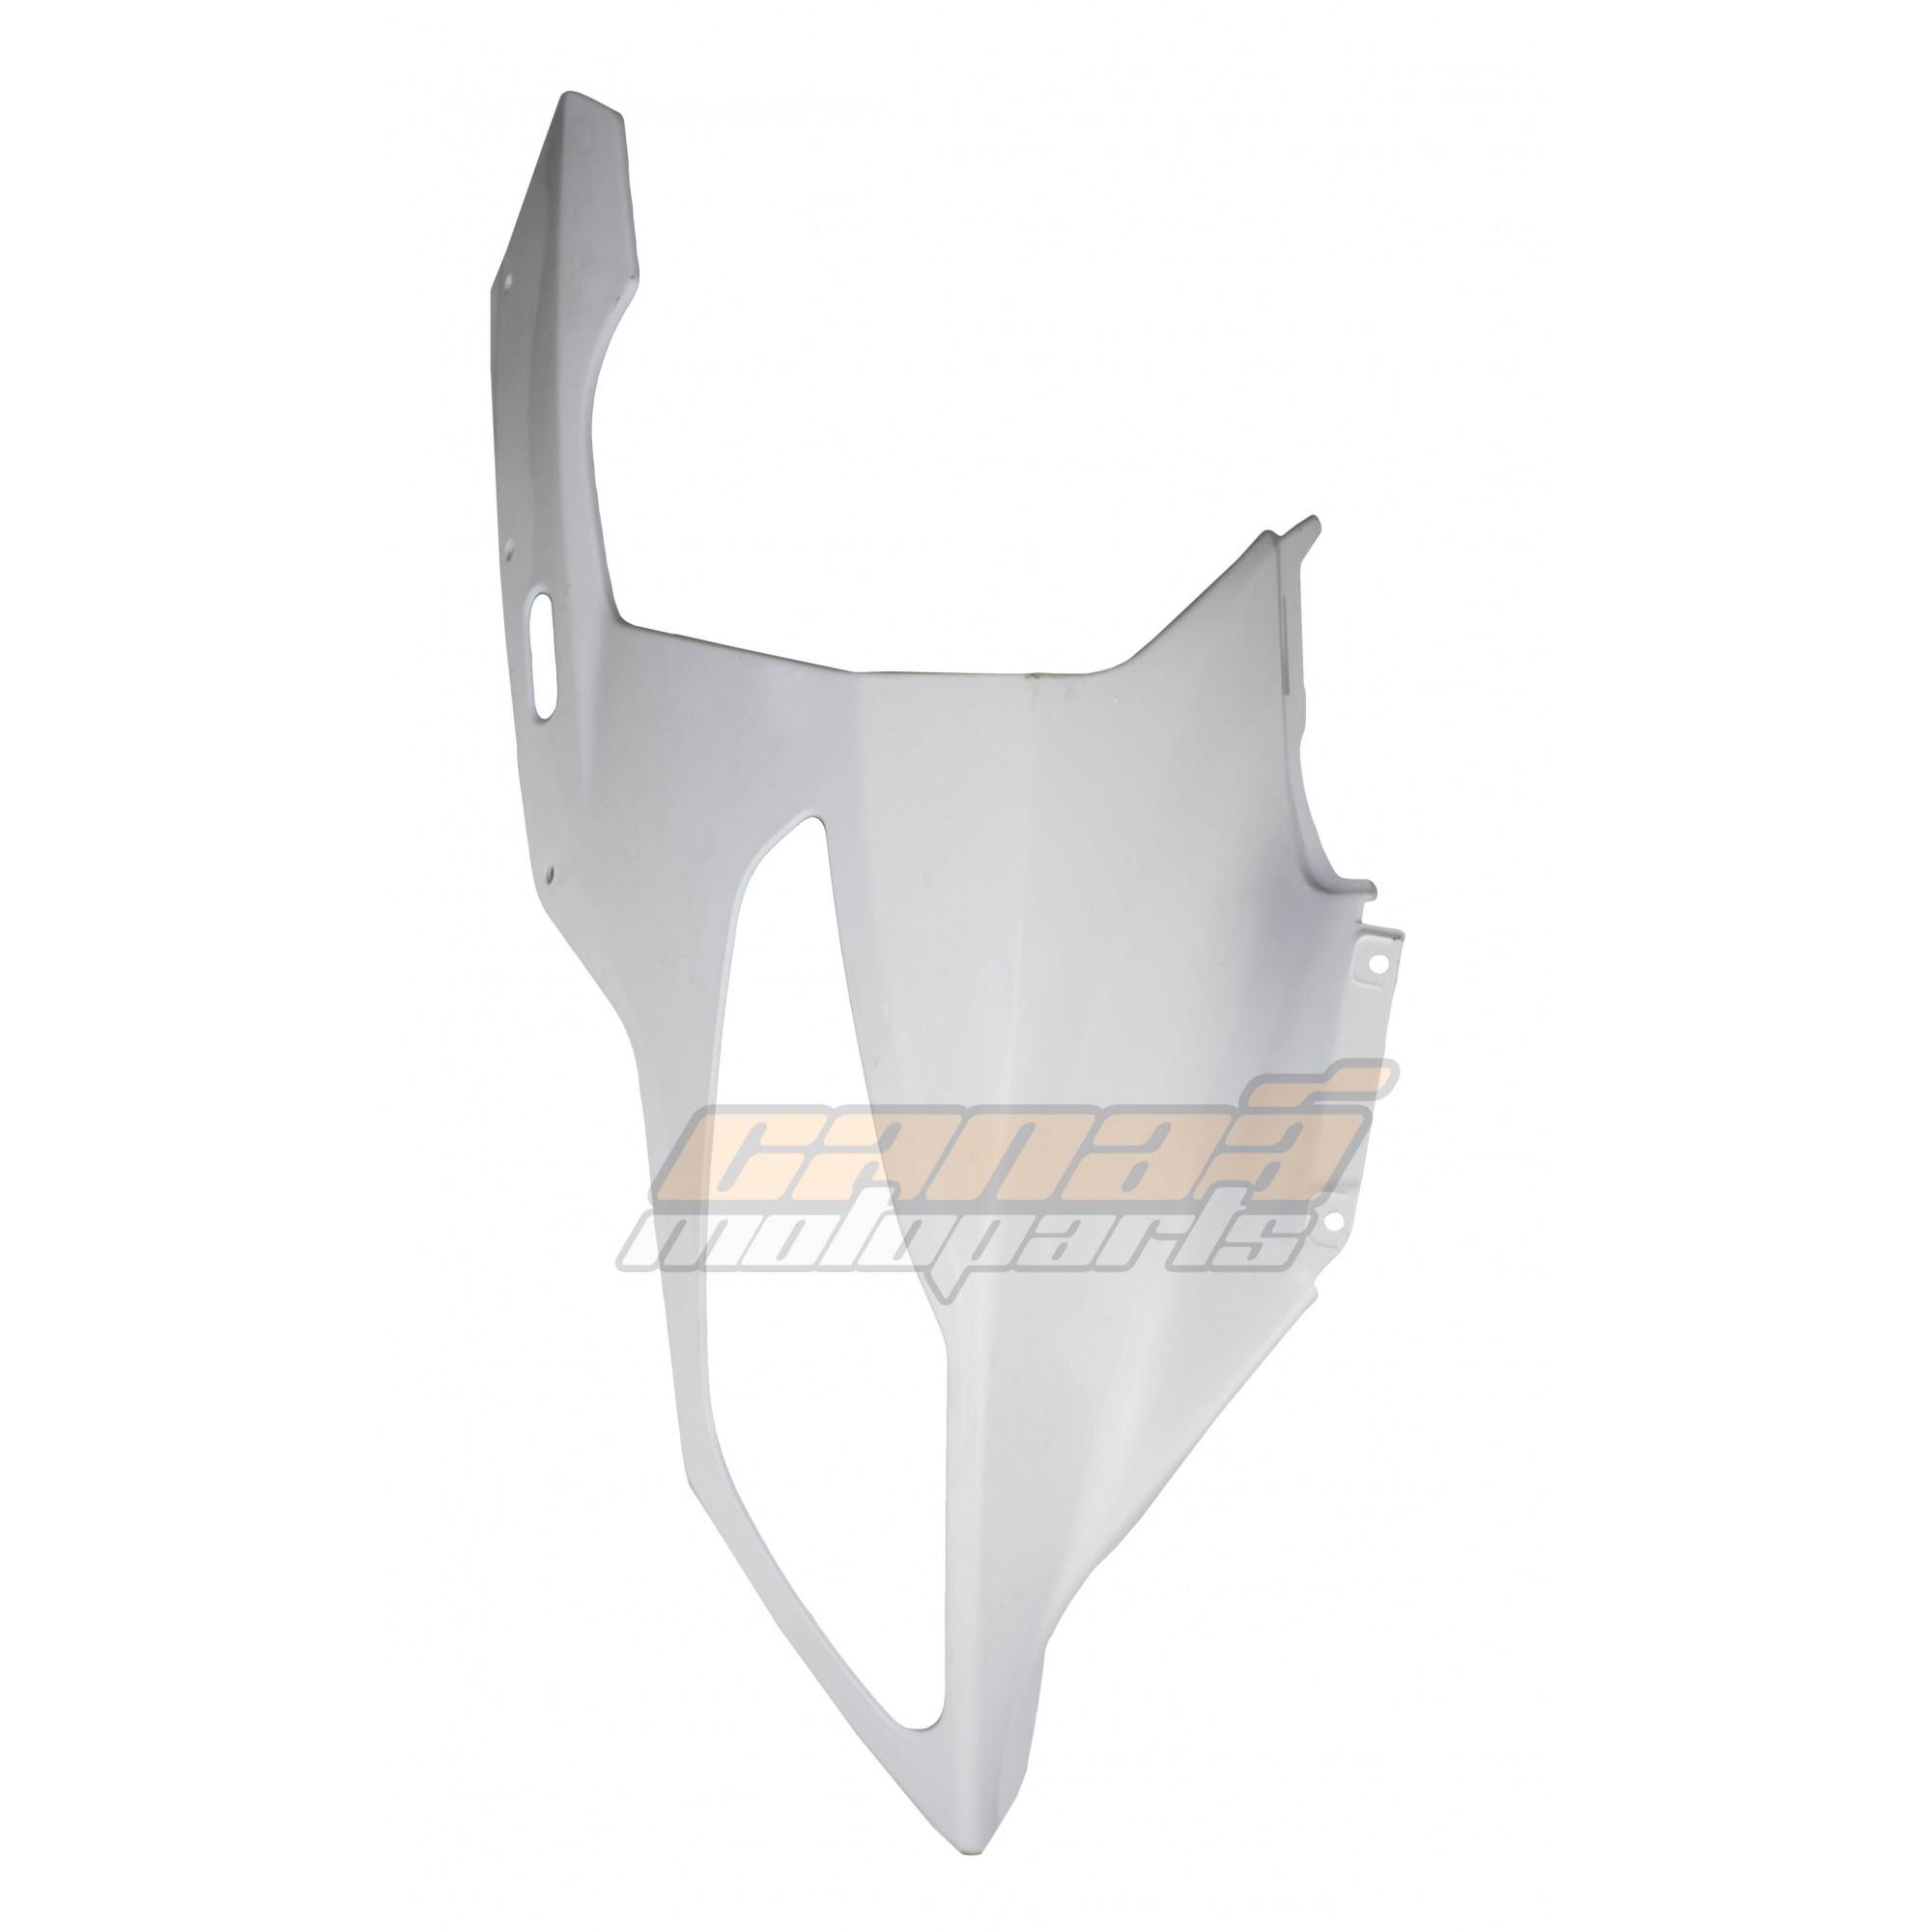 Carenagem Frontal Bmw S1000rr 09-14 Esquerda  - Raccer